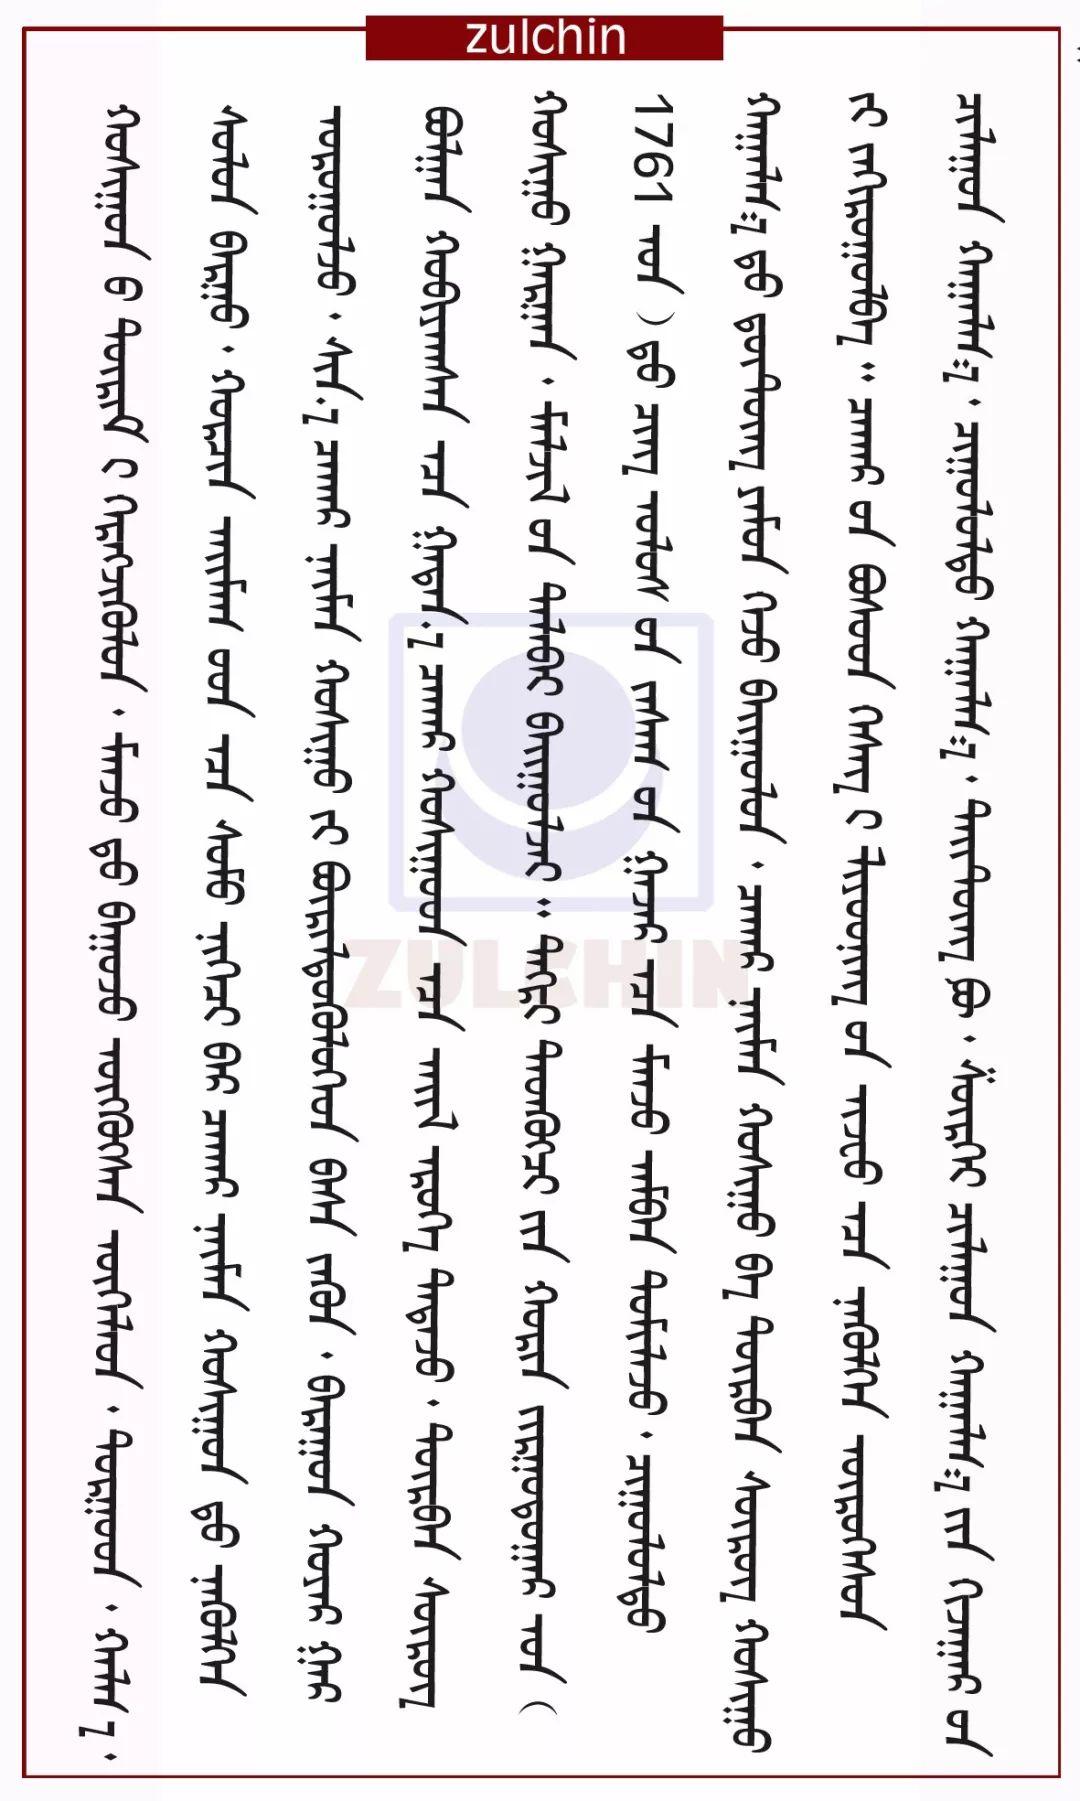 清代察哈尔部落的解体 第5张 清代察哈尔部落的解体 蒙古文化